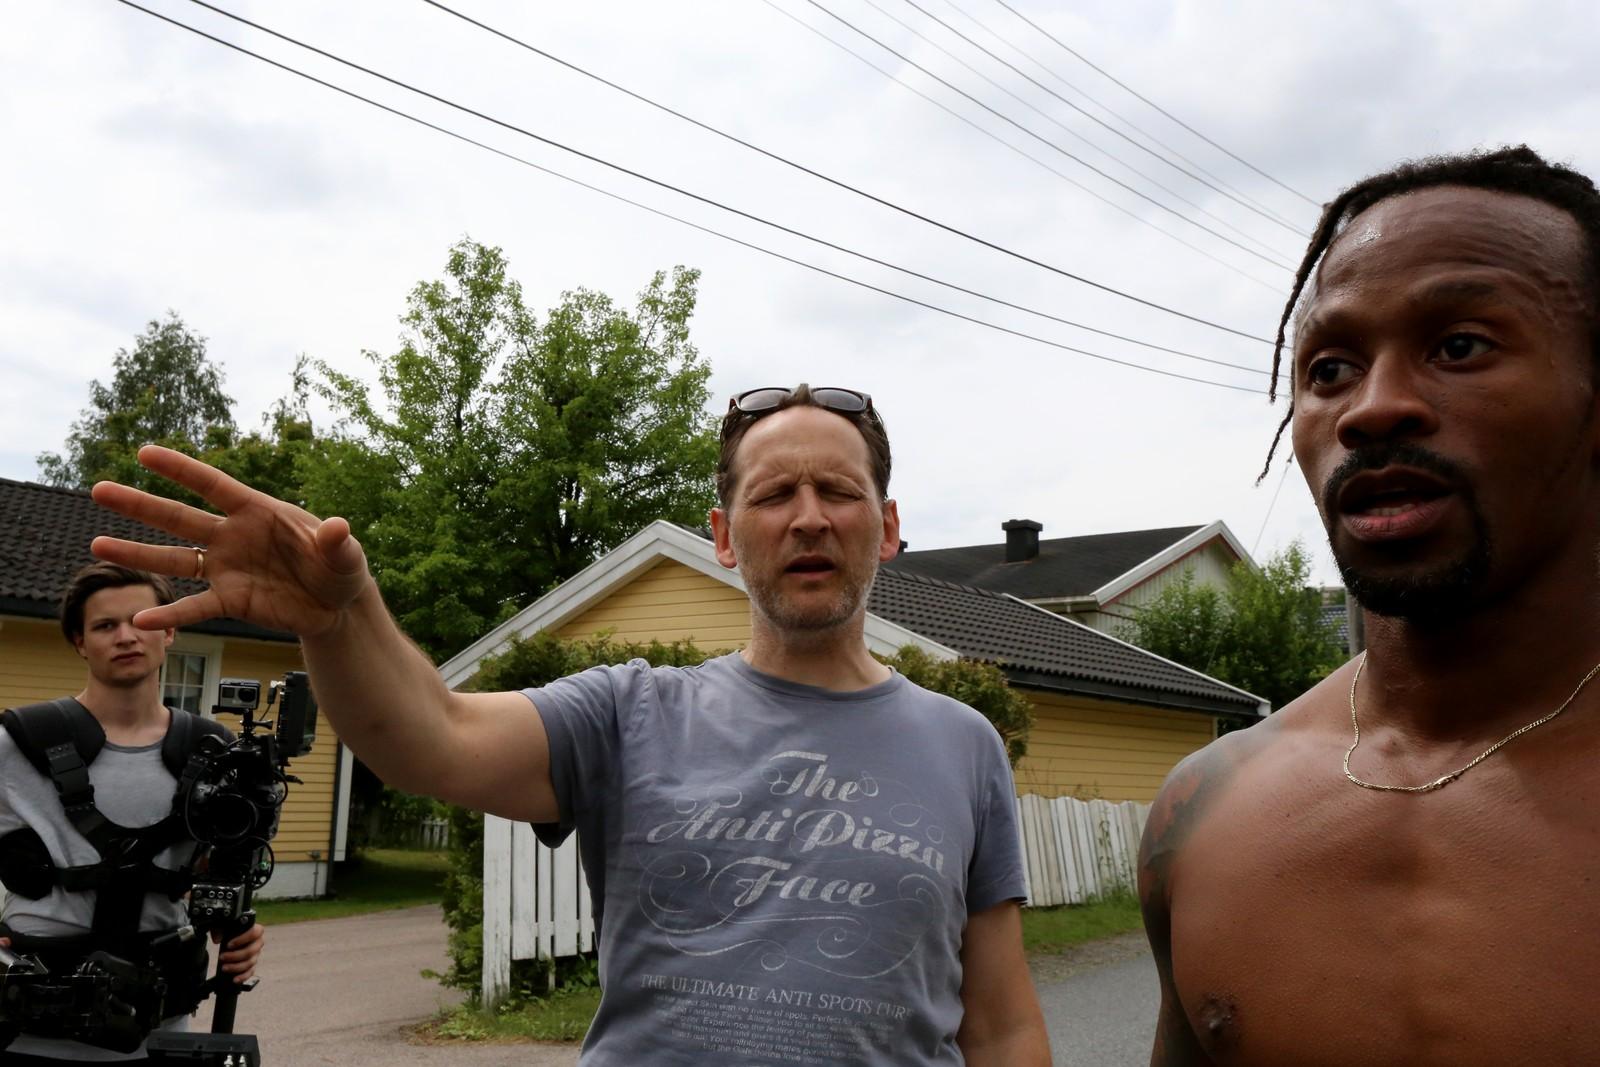 SKJORTELØS: Regissør Torgrim Grimstad instruerer Tshawe Baqwa, som forlengst har kasta skjorta i varmen.